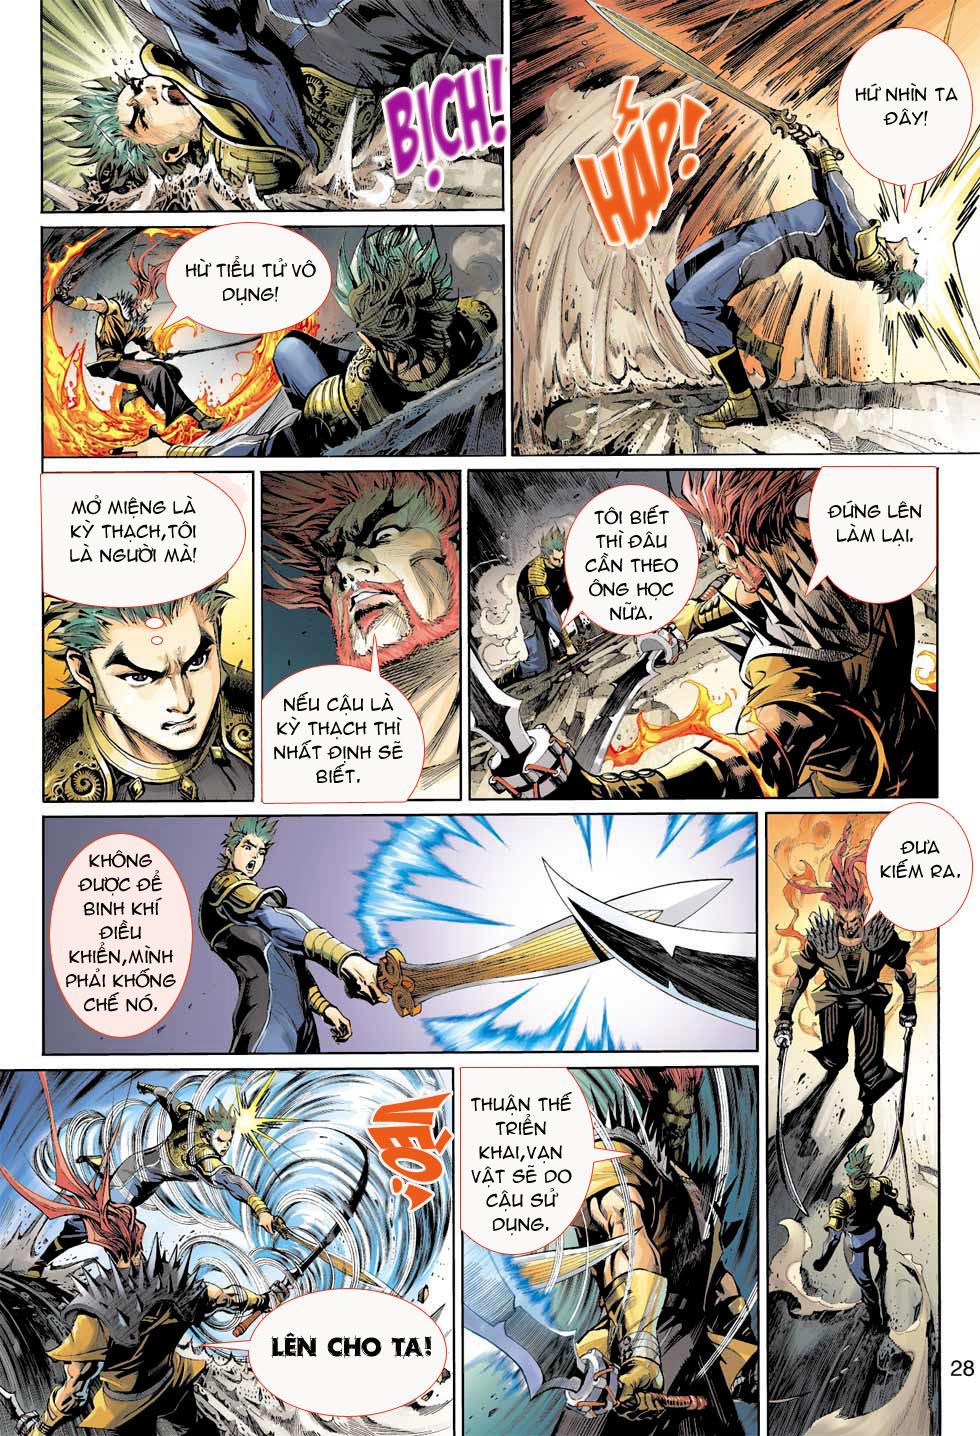 Thần Binh 4 chap 8 - Trang 28